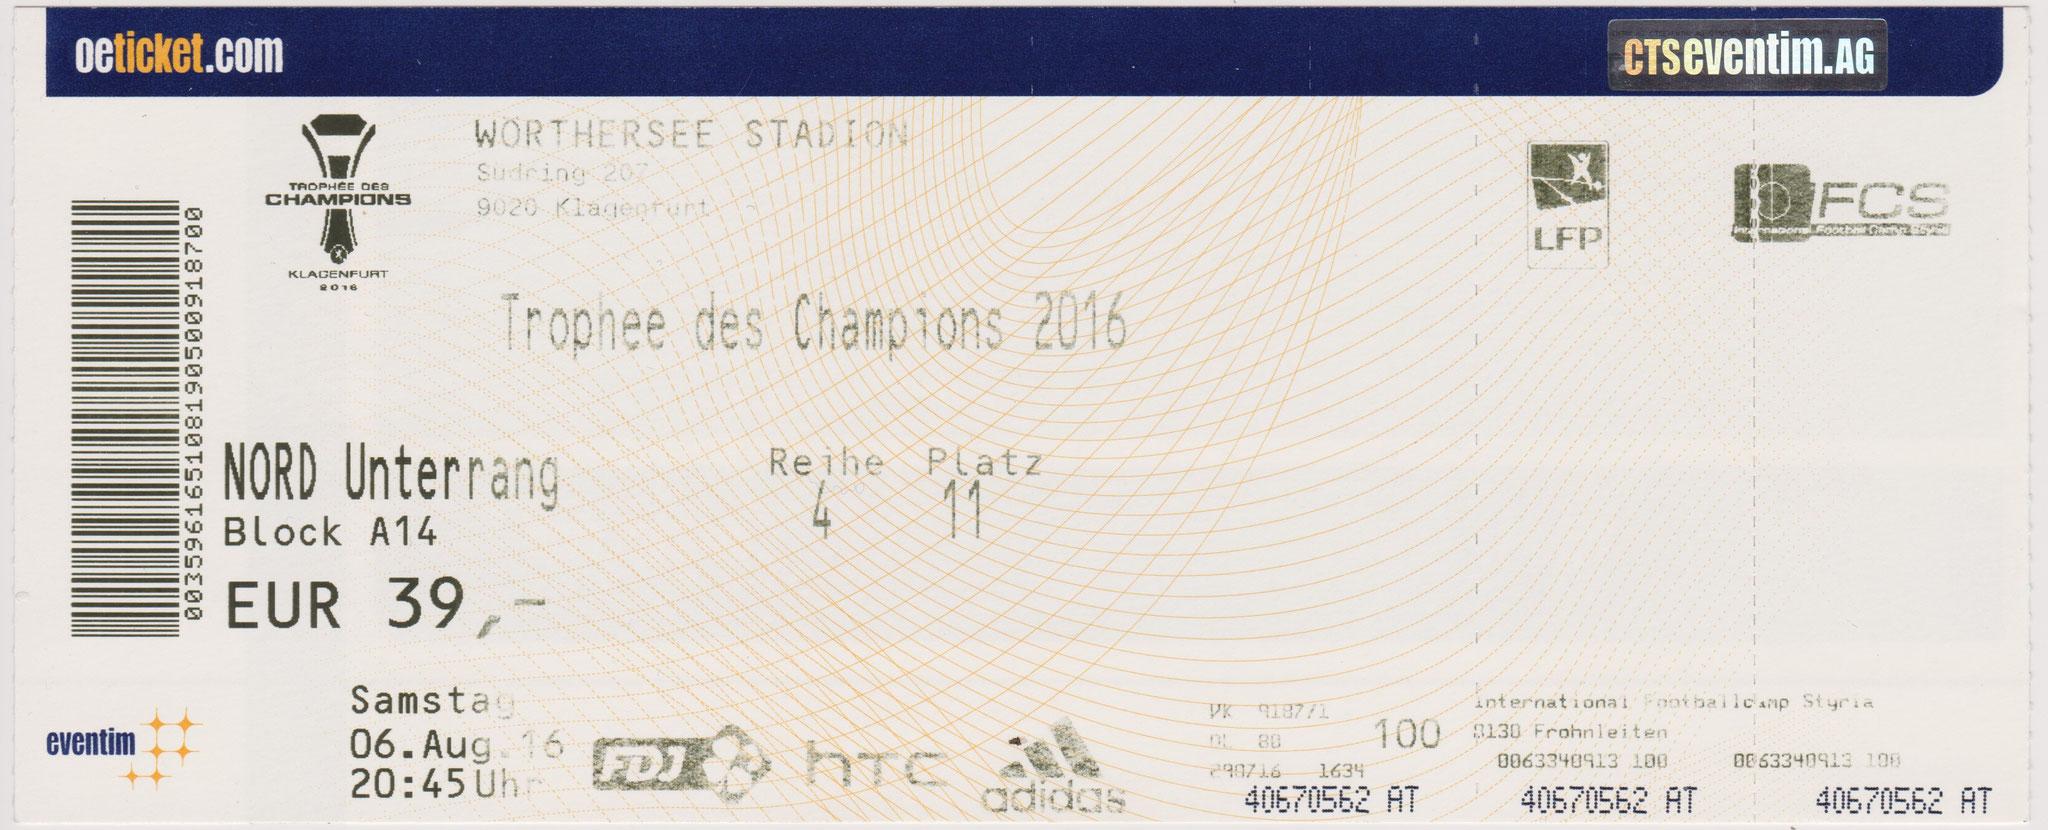 2016 à Klagenfurt : Paris SG bat Olympique Lyonnais  4 - 1